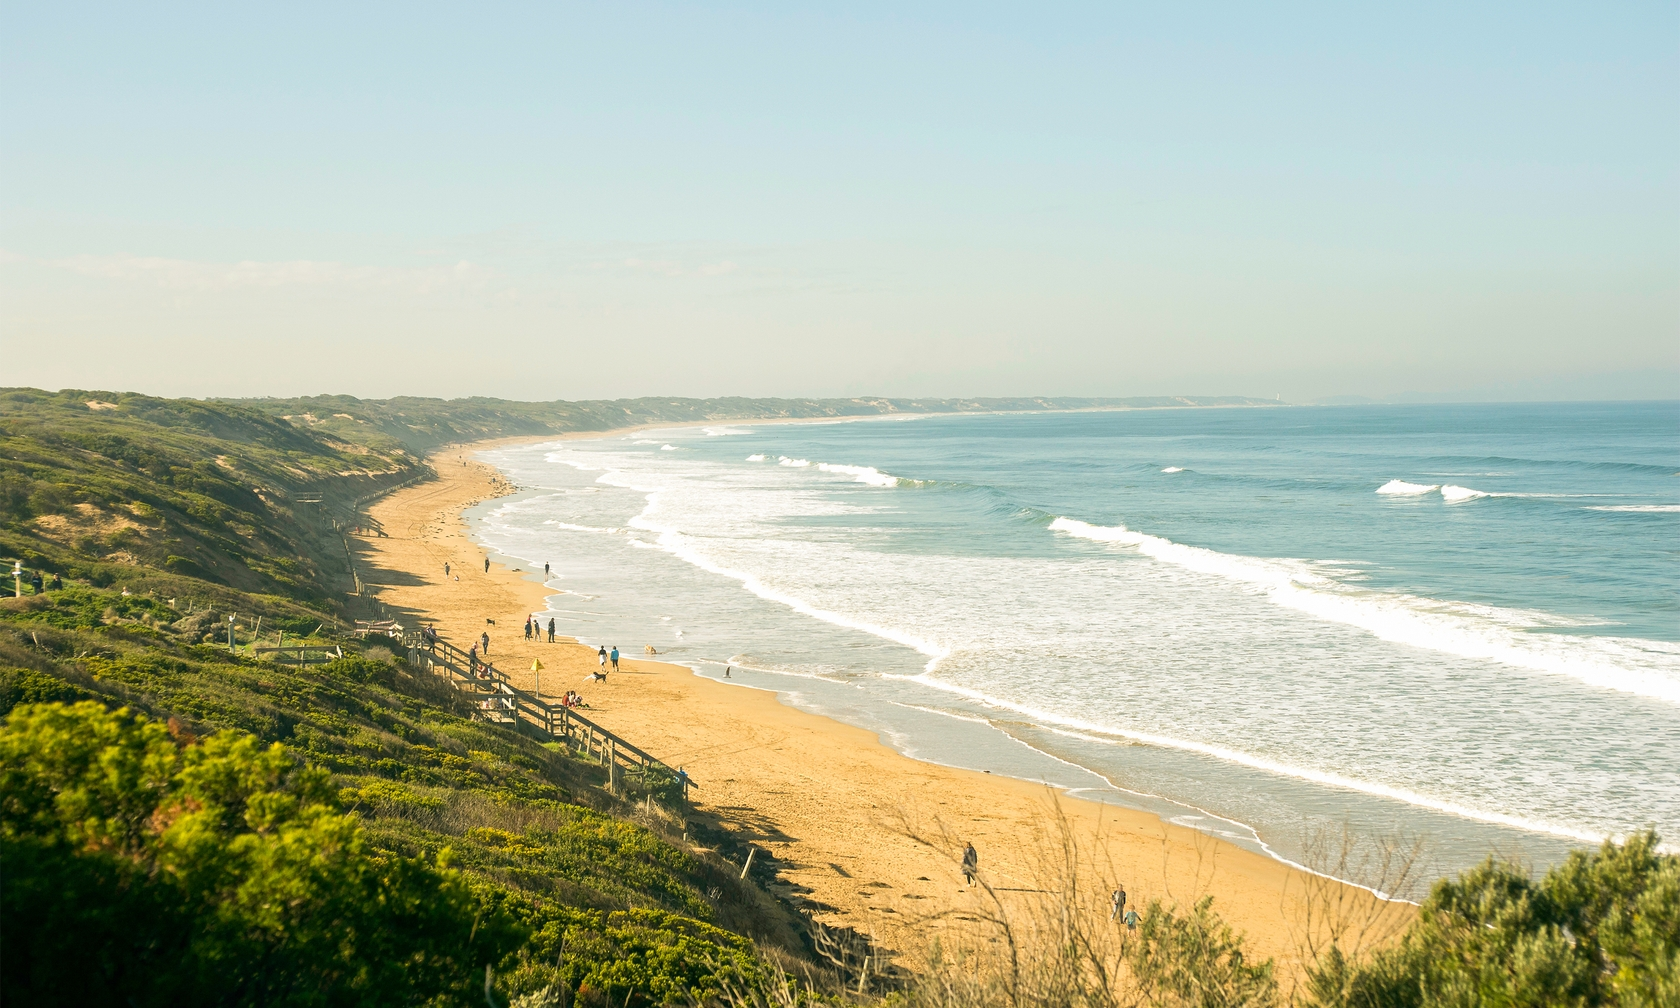 Vacation rentals in Ocean Grove